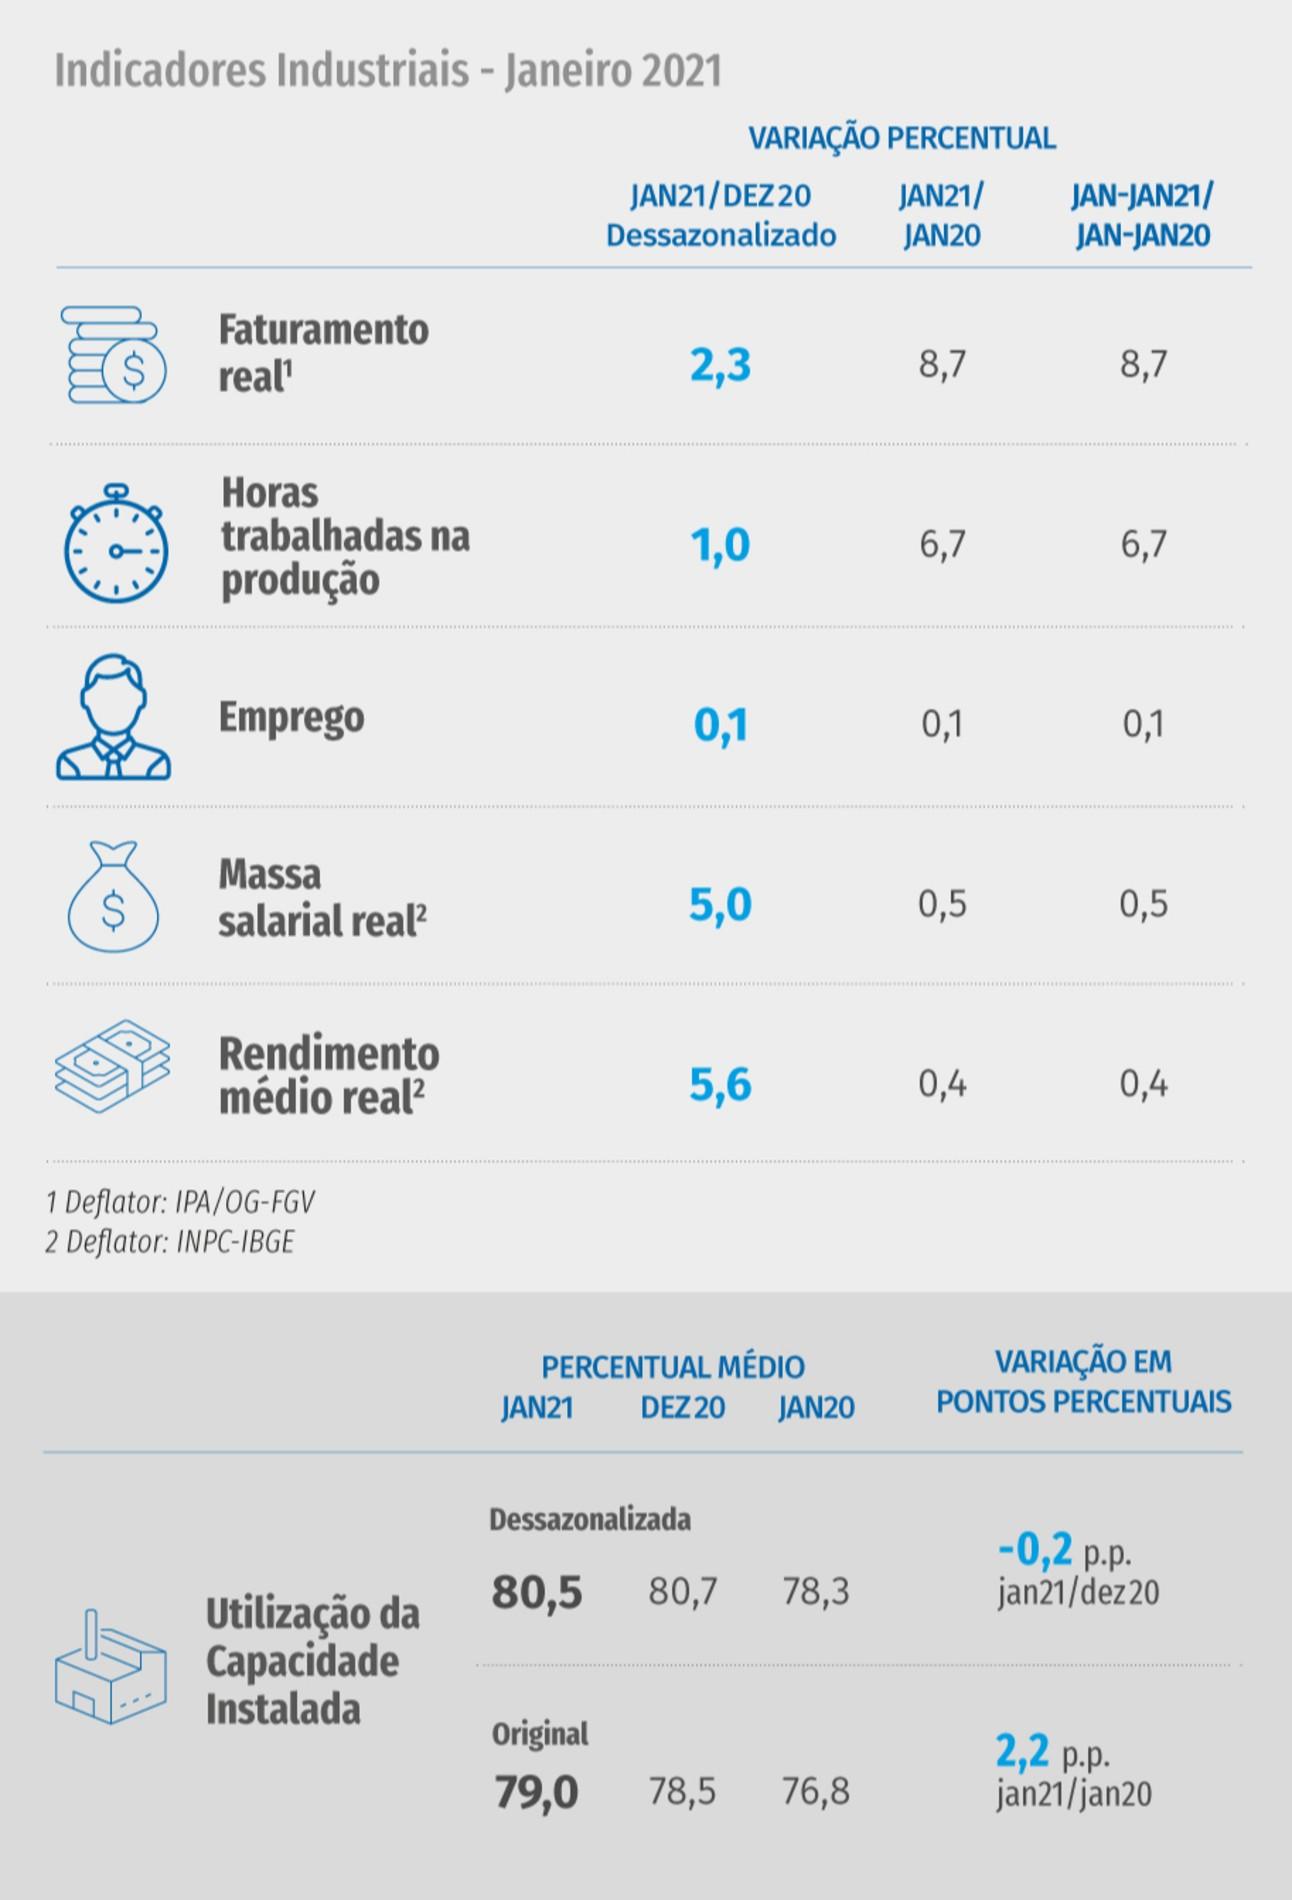 gráfico descreve indicadores industriais: destaque para horas trabalhadas e faturamento.